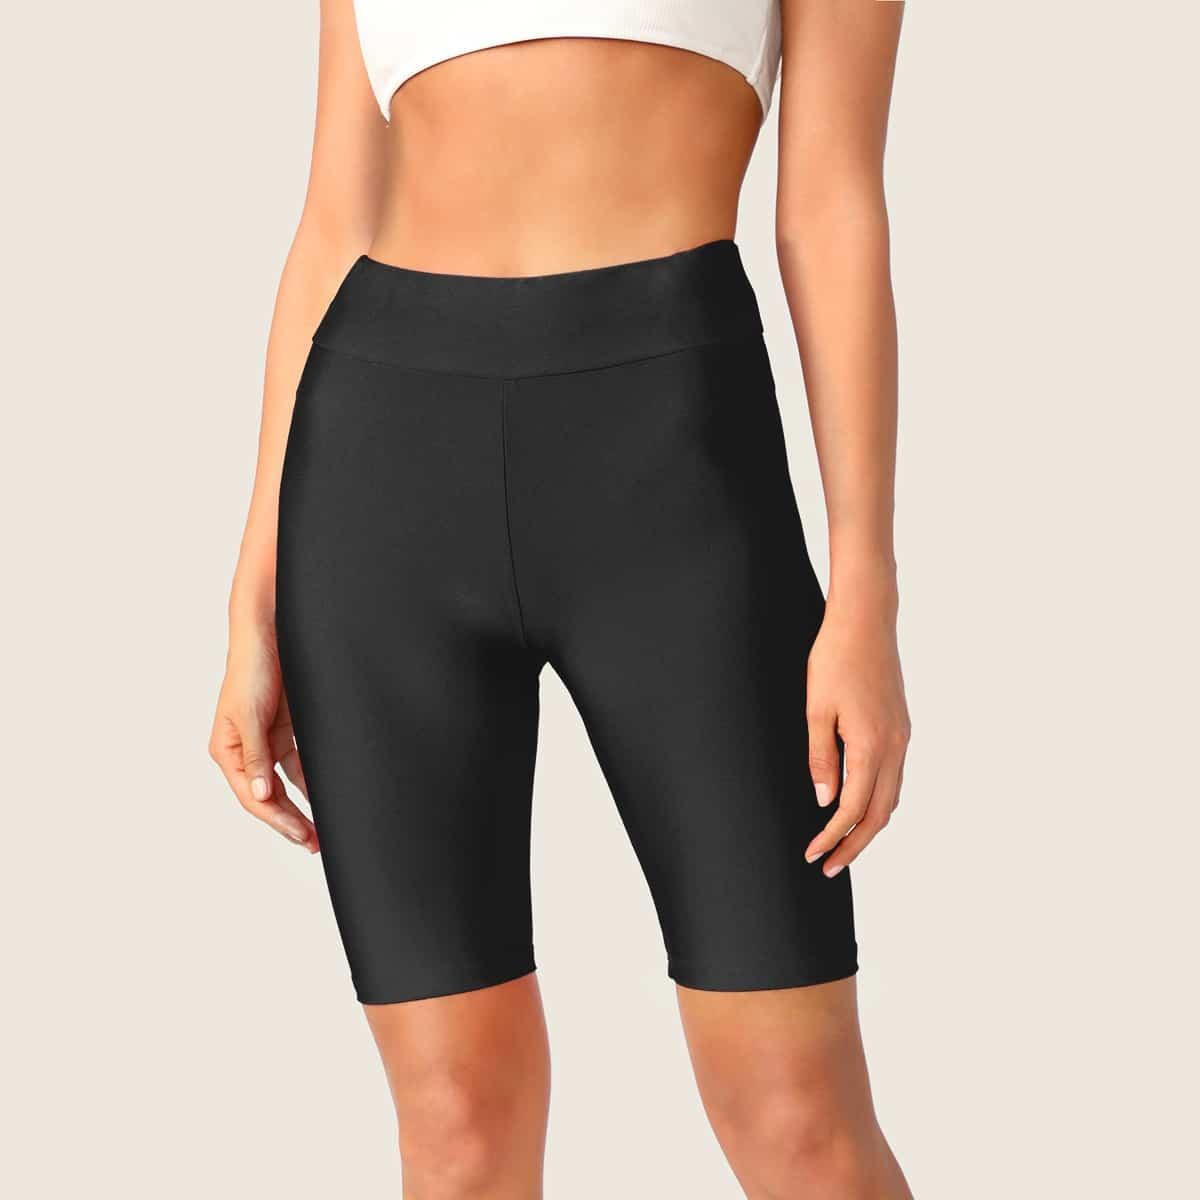 SHEIN / Shorts ciclistas sólidos de cintura ancha